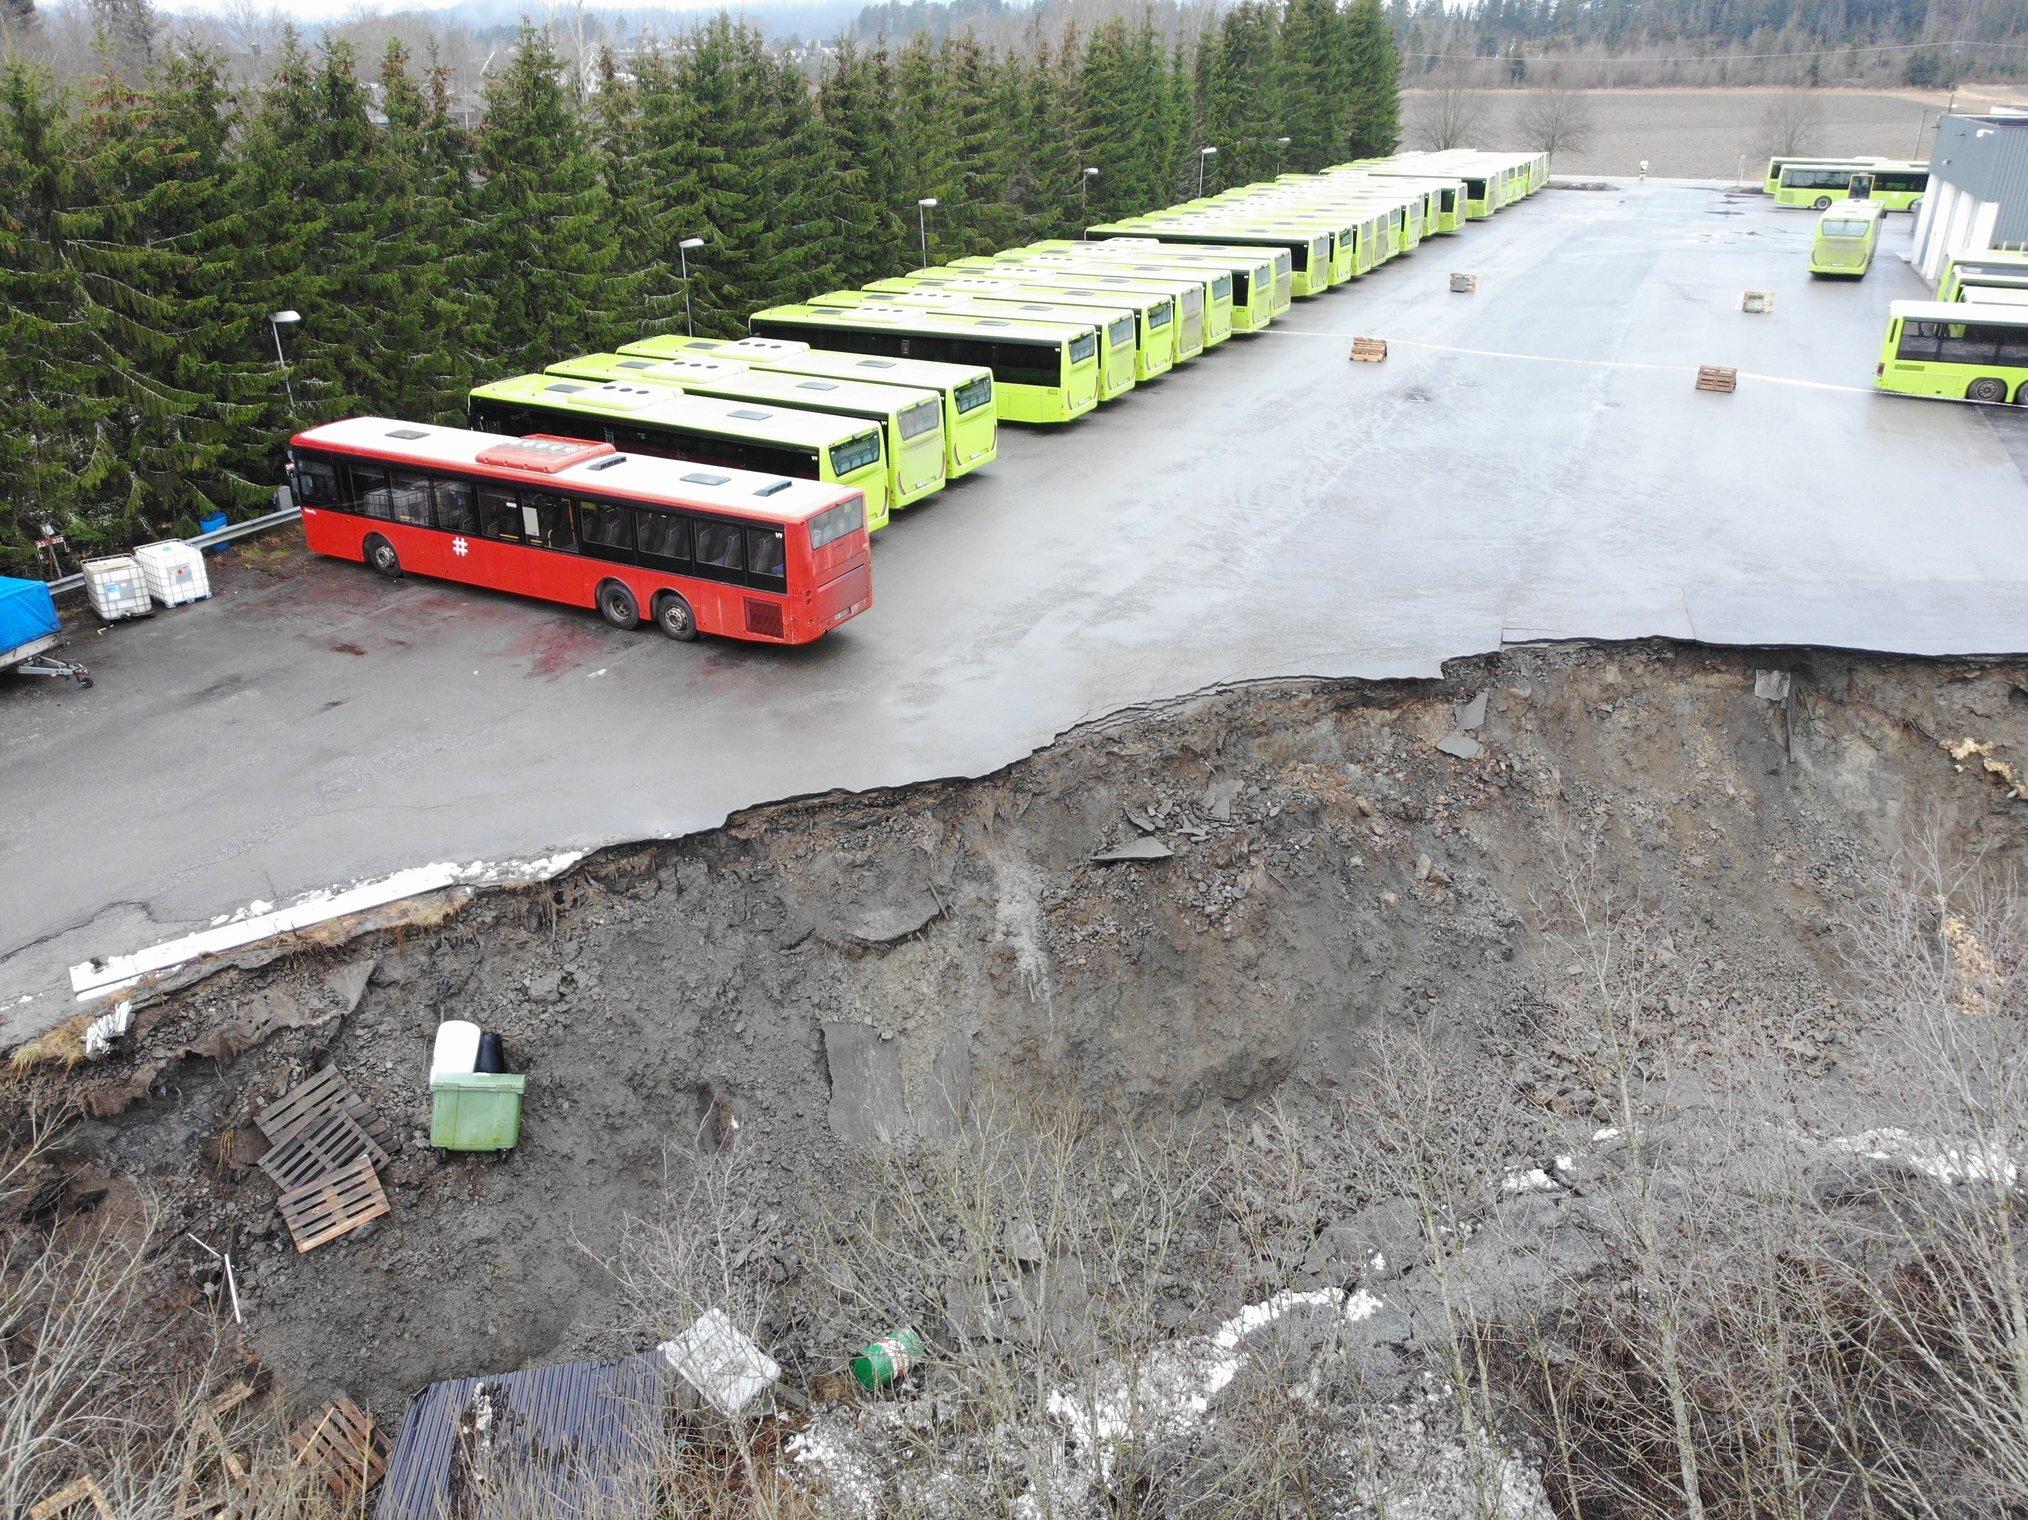 Jordras Kirkebygda - bussparkering, busser nær raskant